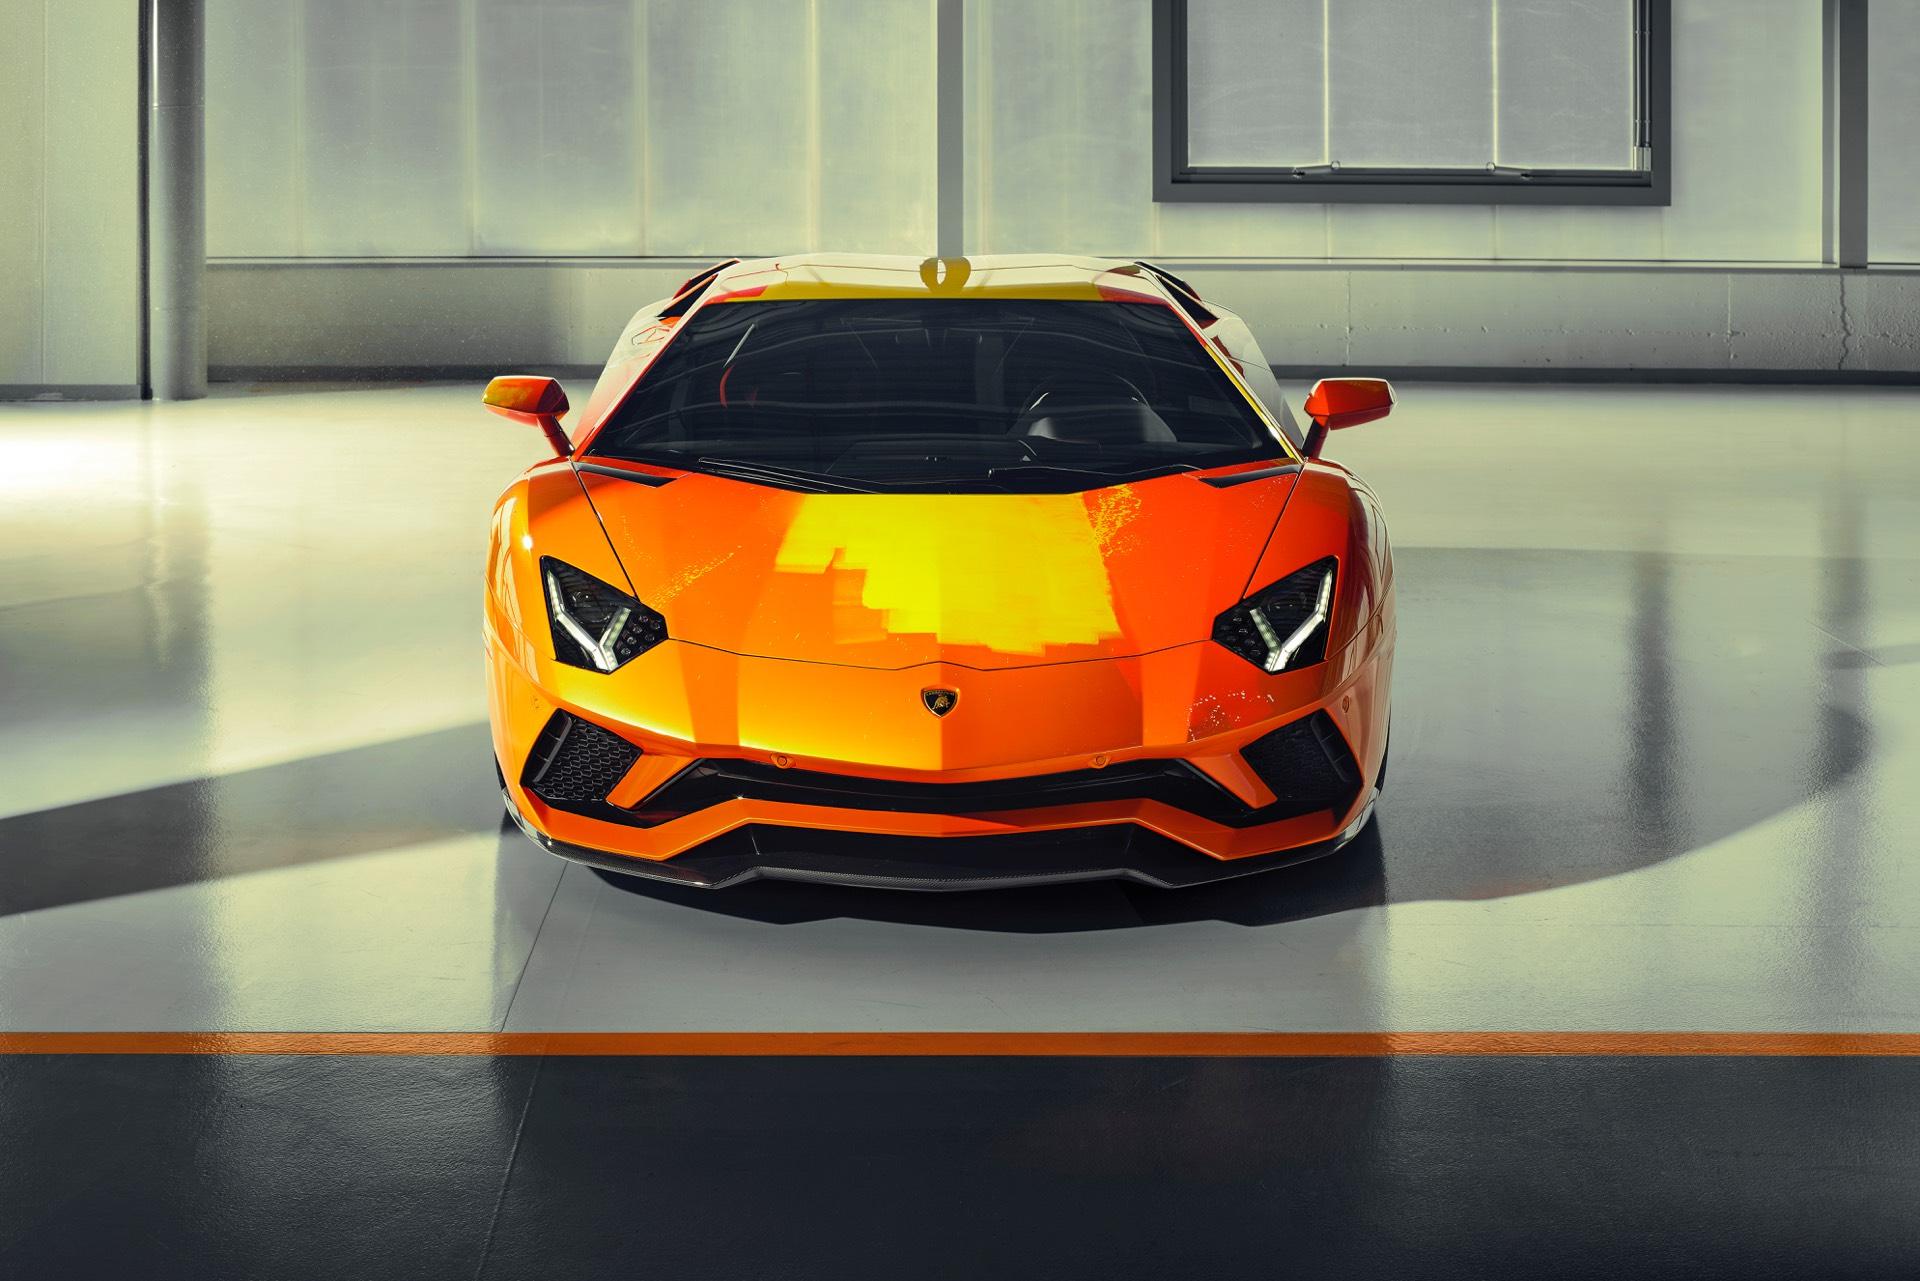 Skyler-Grey-Lamborghini-Aventador-S-Art-Car20